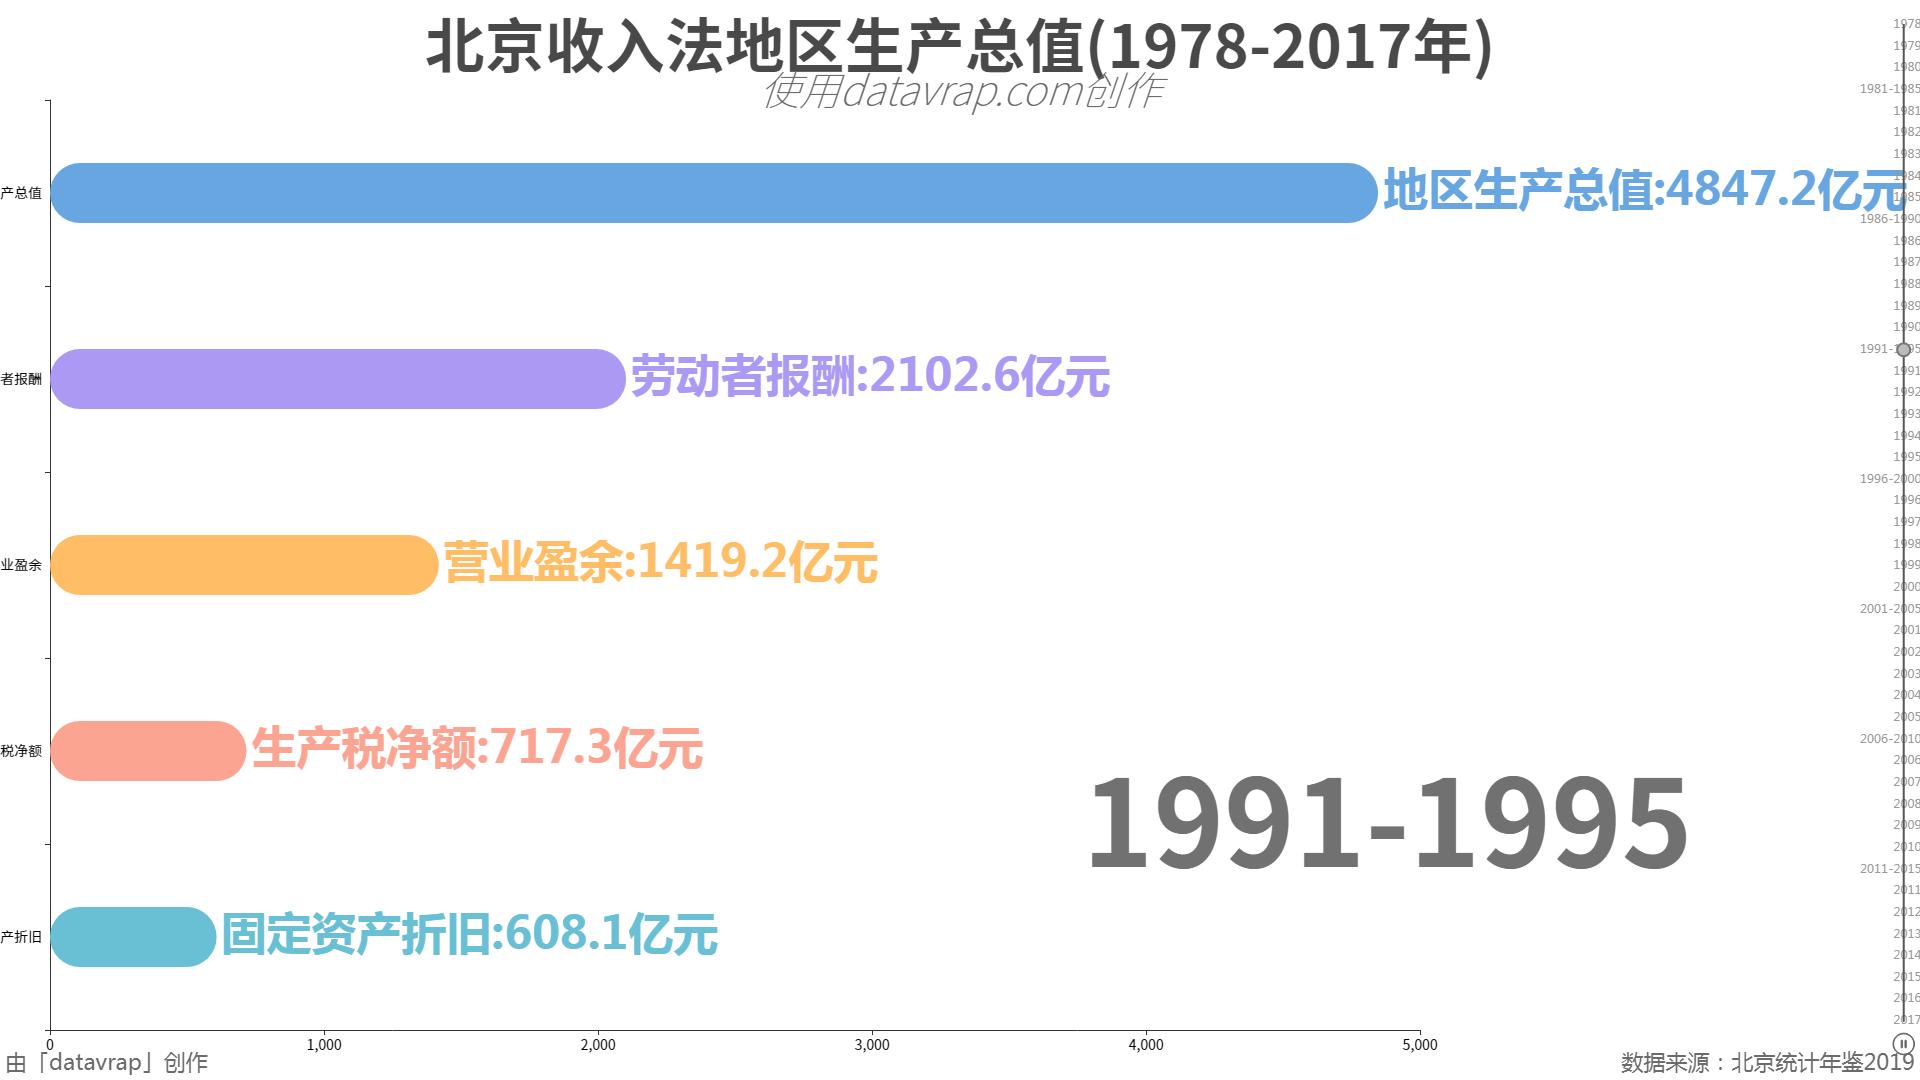 北京收入法地区生产总值(1978-2017年)